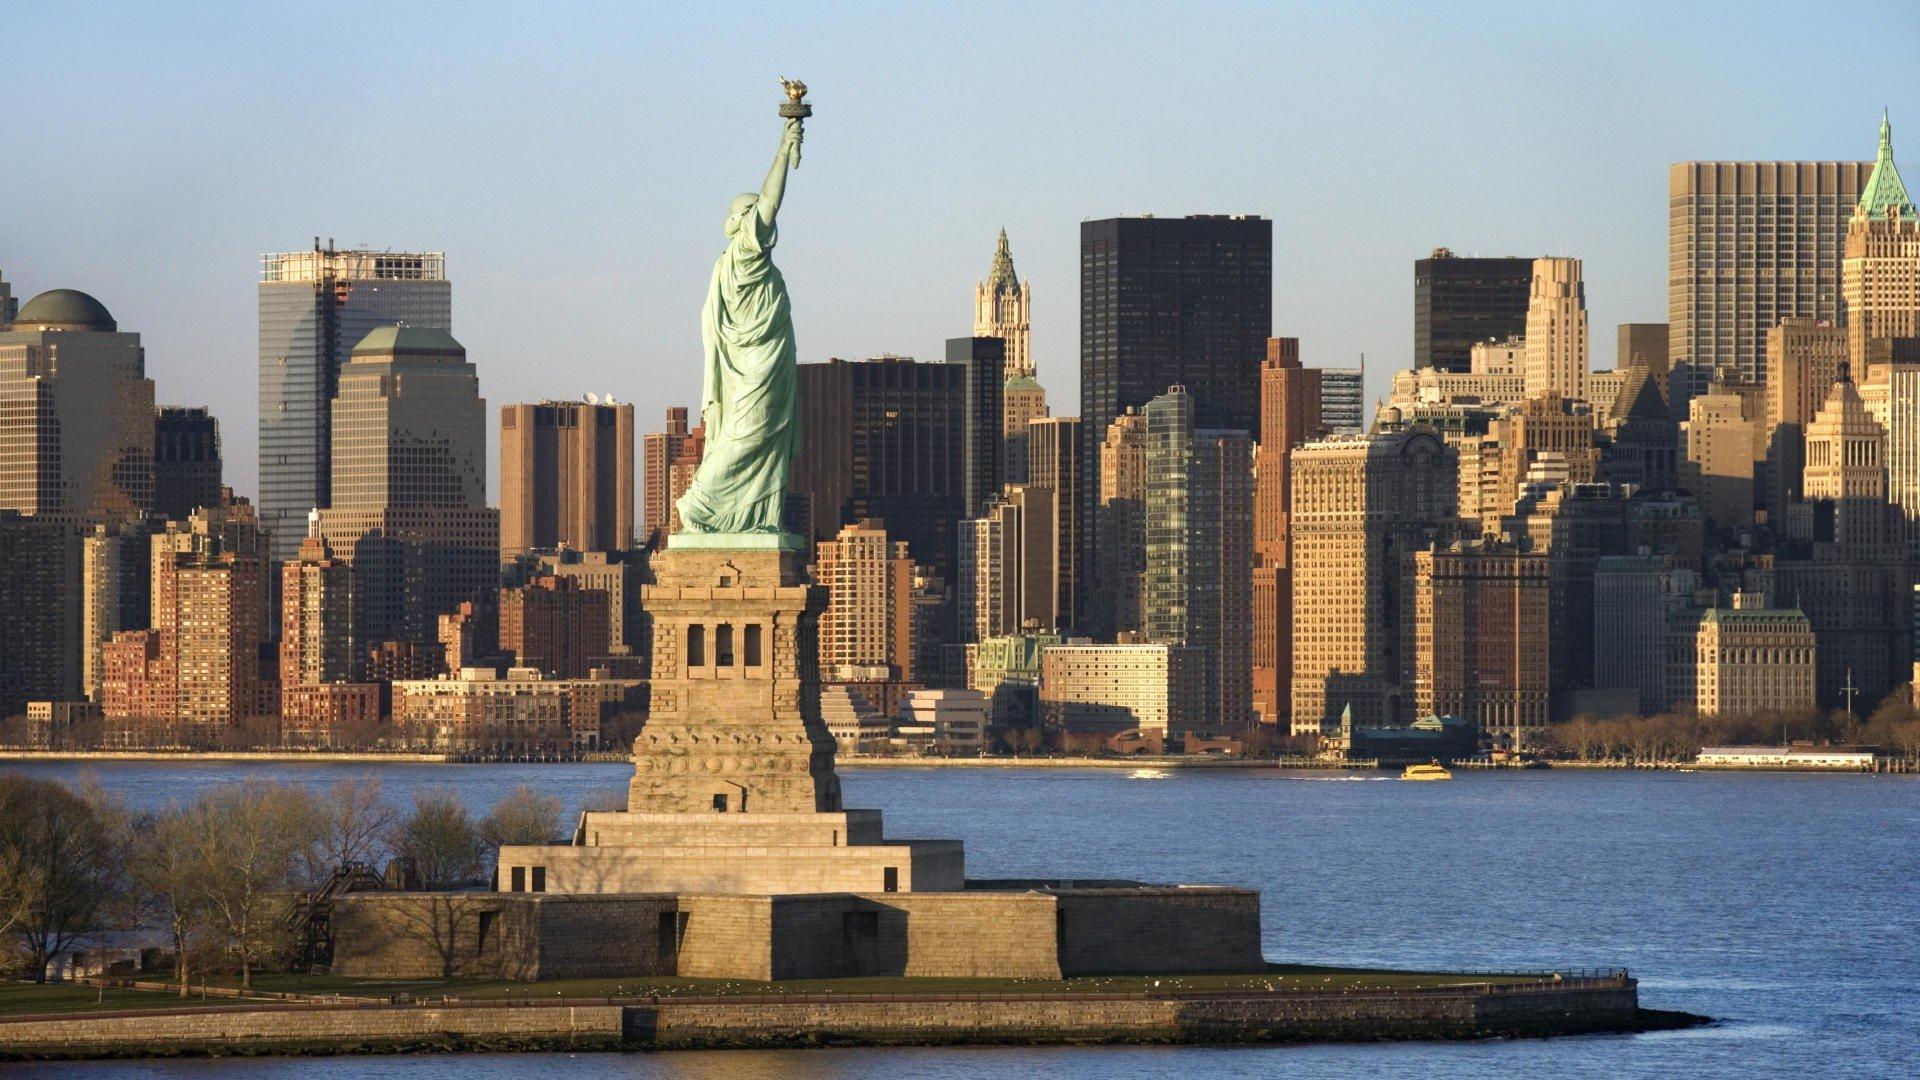 Skylines New York City Statue Of Liberty Manhattan Wallpaper 1920x1080 319695 Wallpaperup